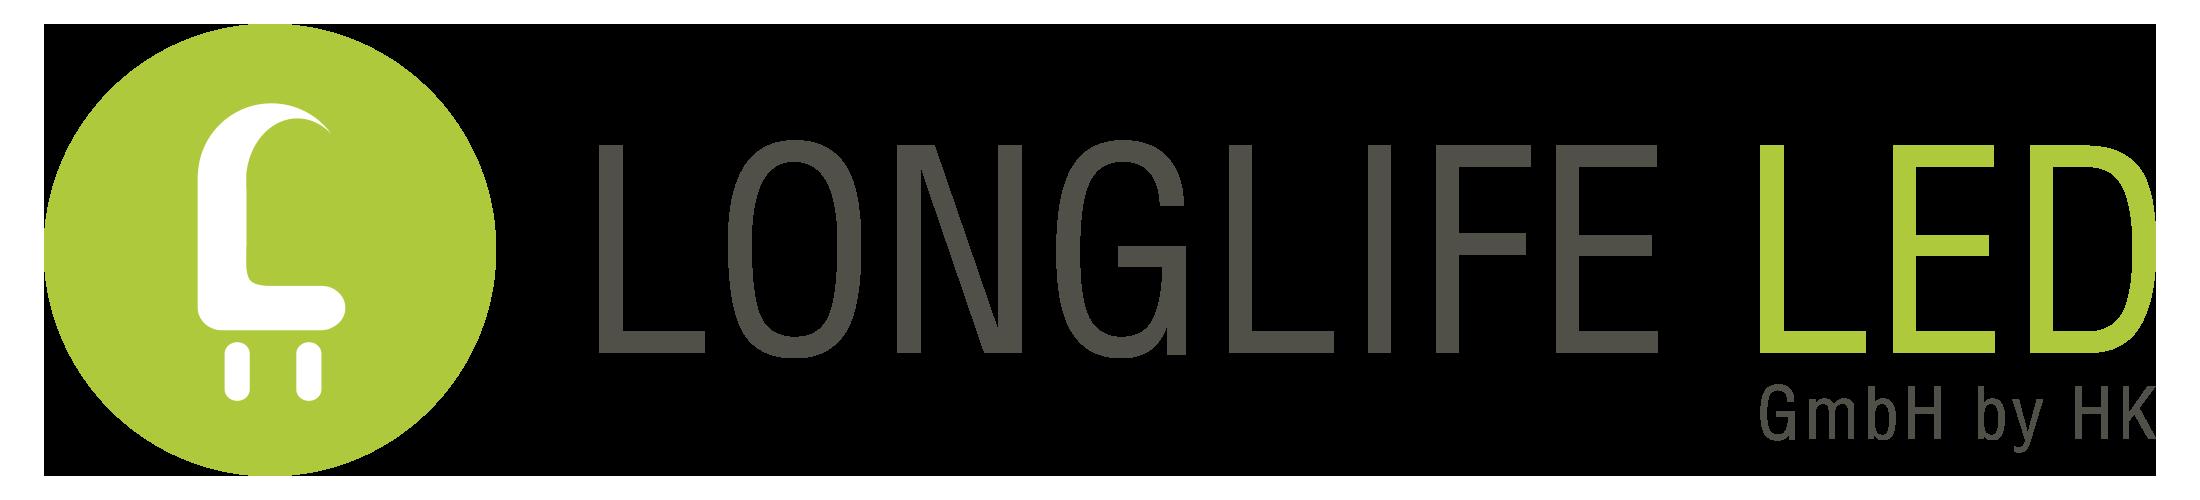 Longlife LED